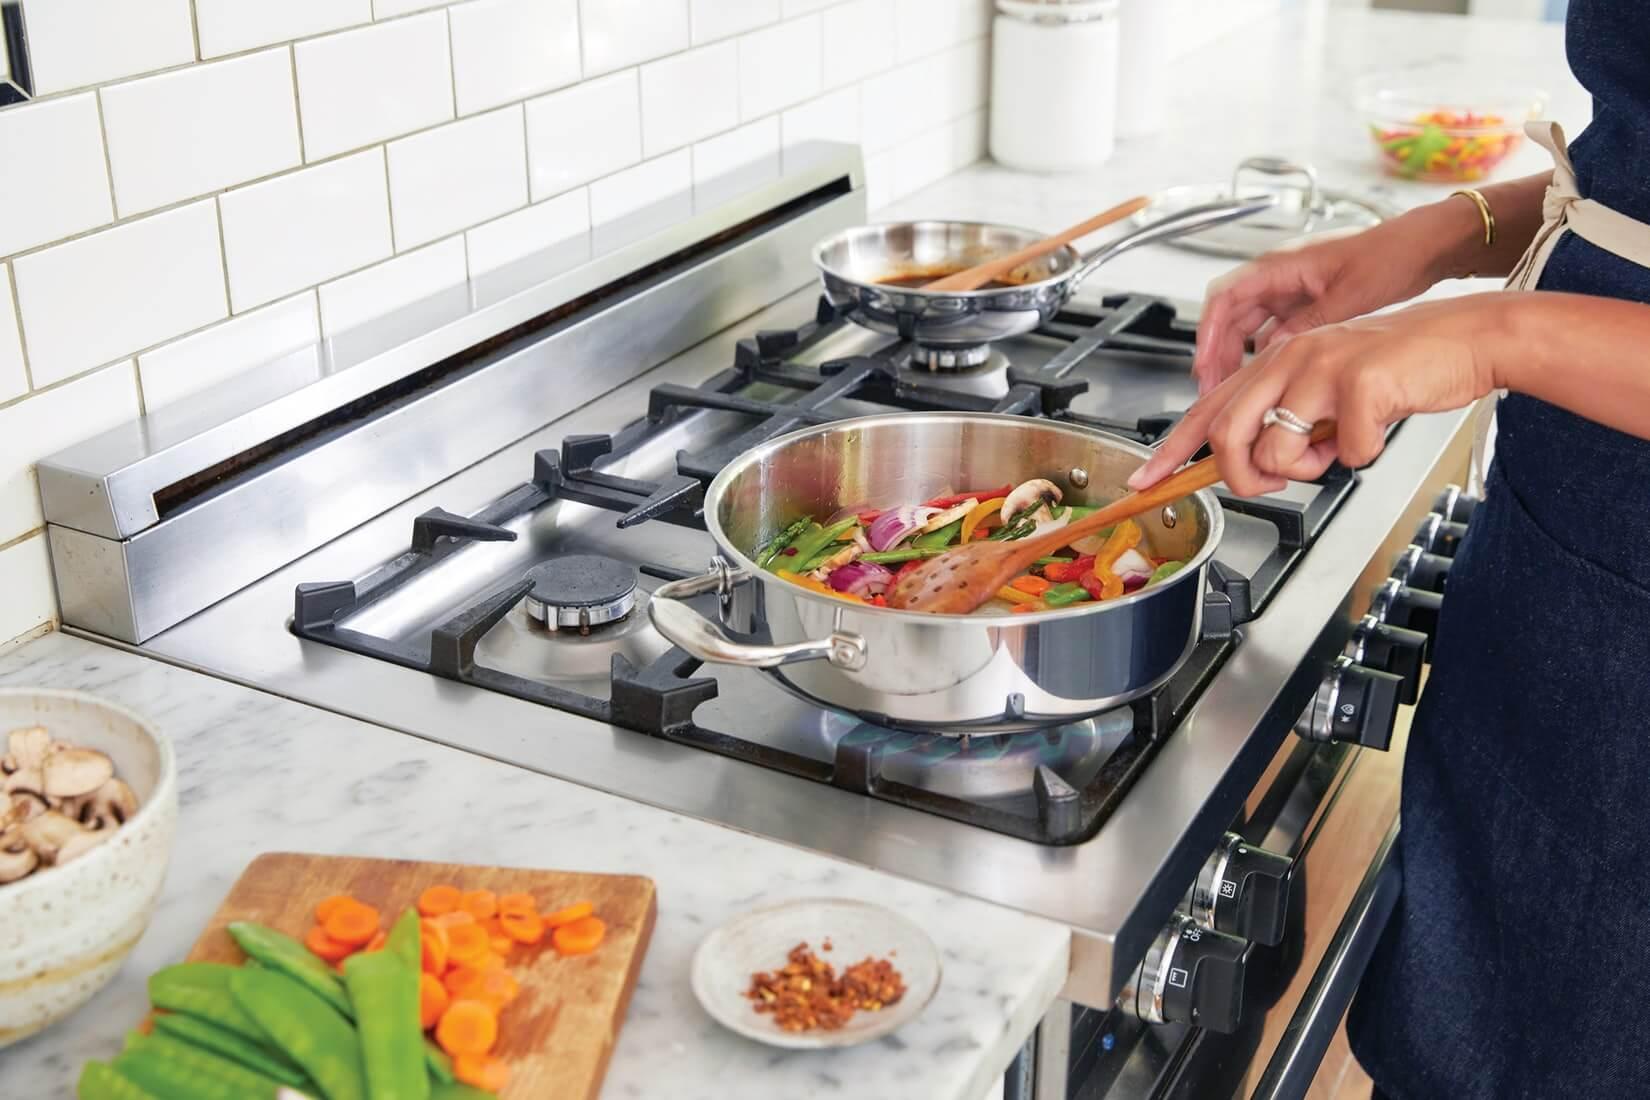 پختوپز با سوخت جامد چه بلایی سرتان می آورد